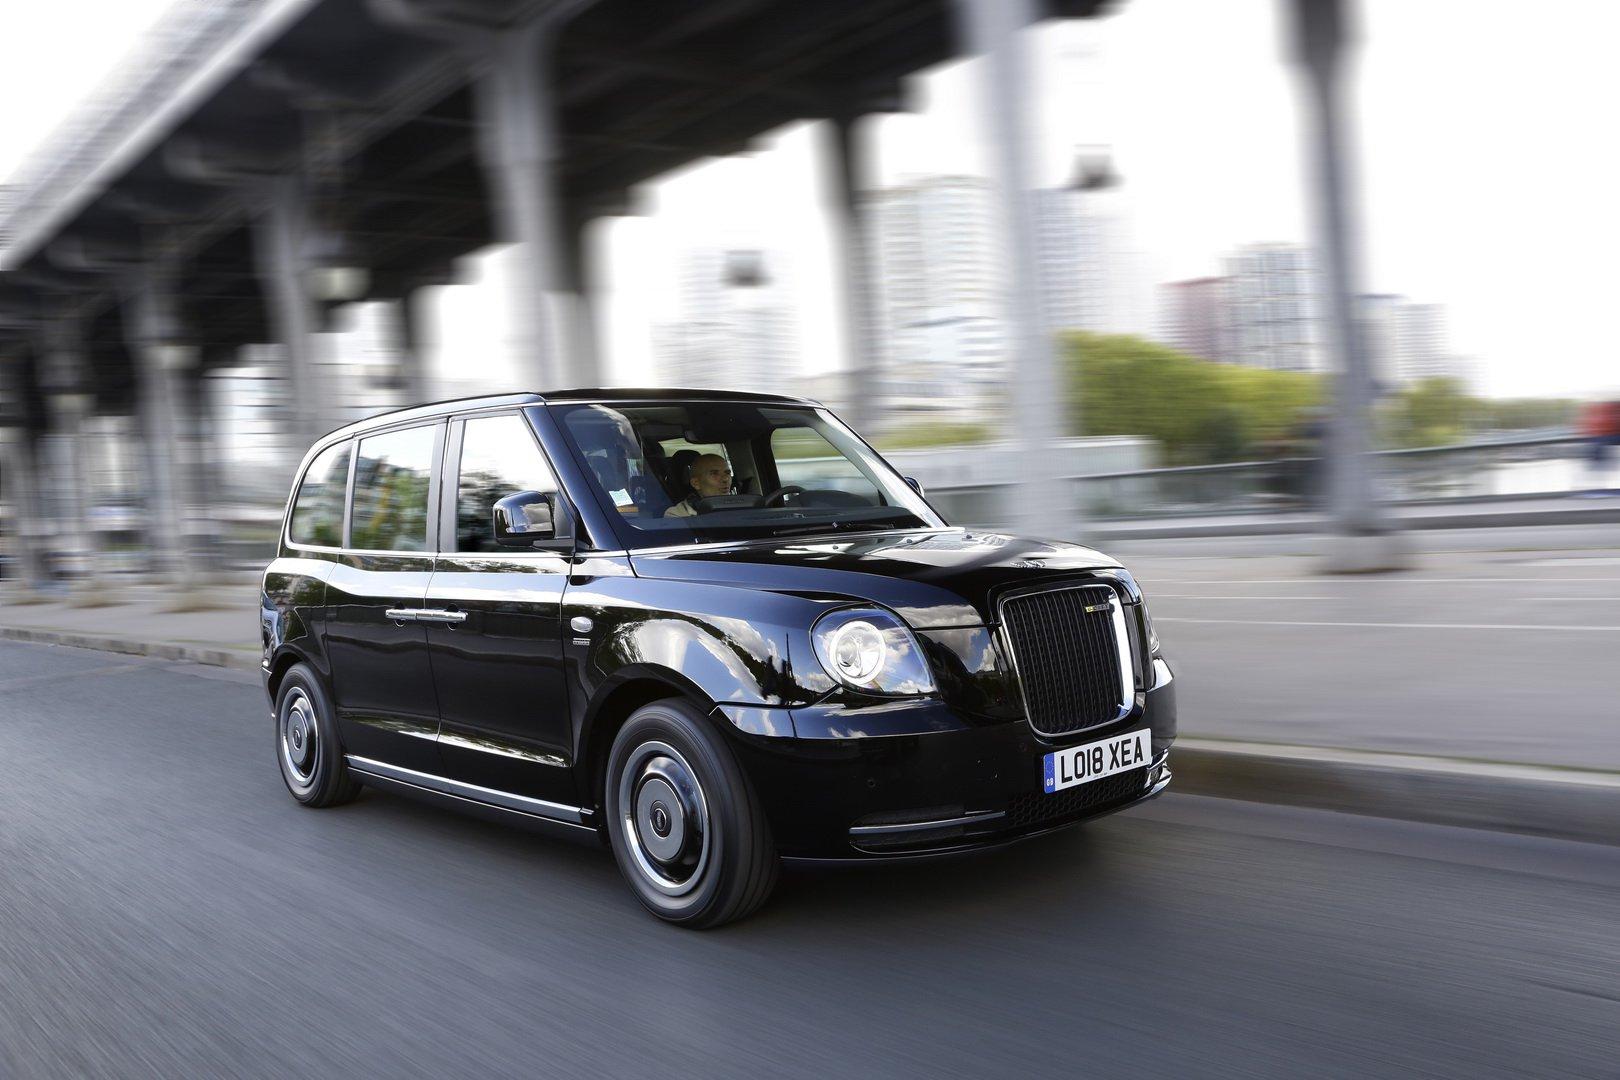 """Традициите постојат да се рушат: """"Лондонското такси"""" на улиците на Париз / ФОТО"""